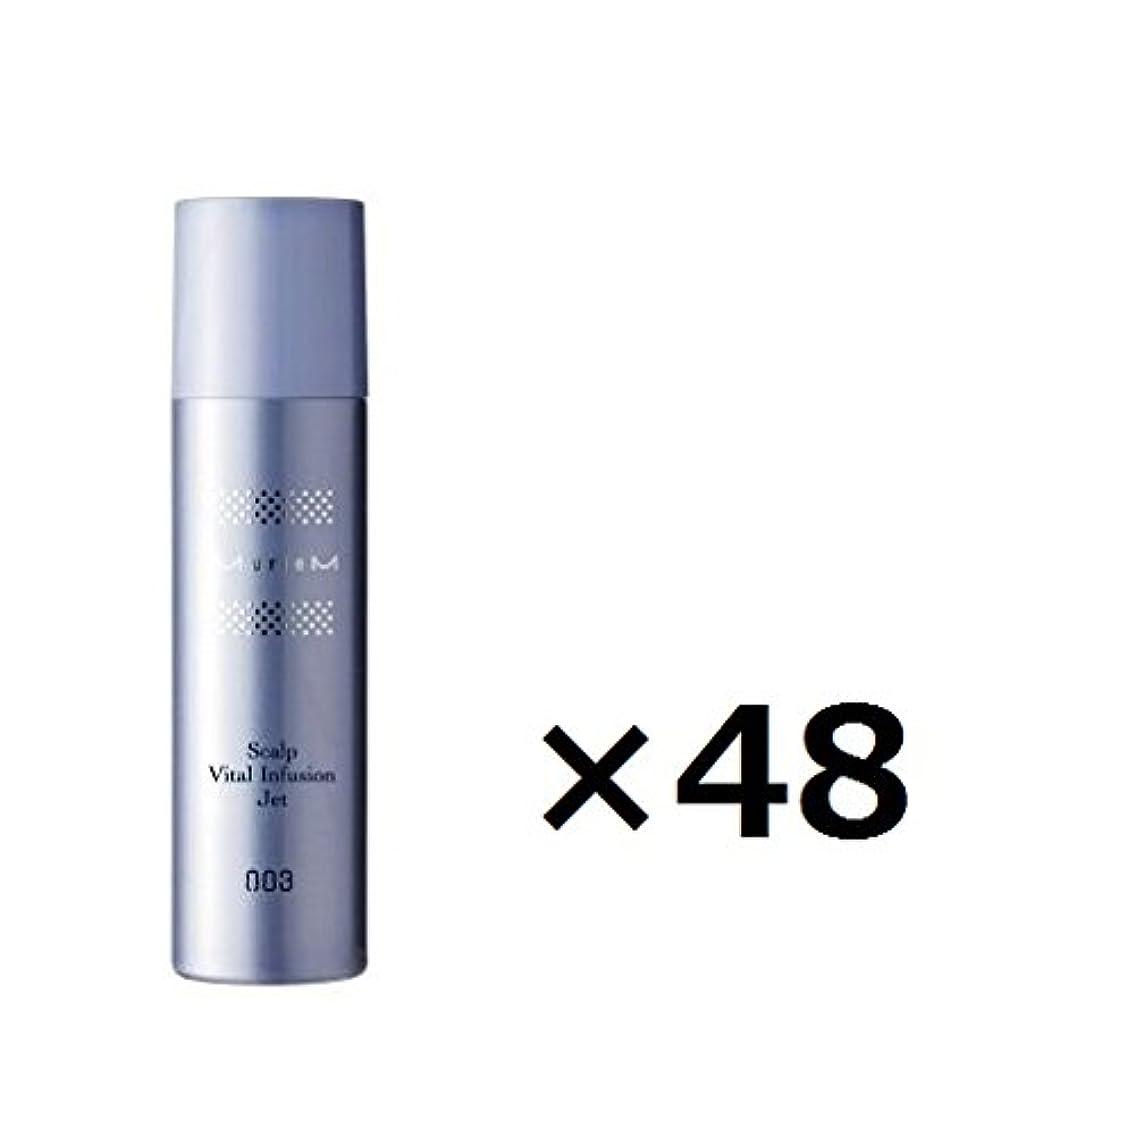 最終的にブラシ所有者【48本セット】ナンバースリー ミュリアム 薬用スカルプバイタル インフュージョンジェット 160g